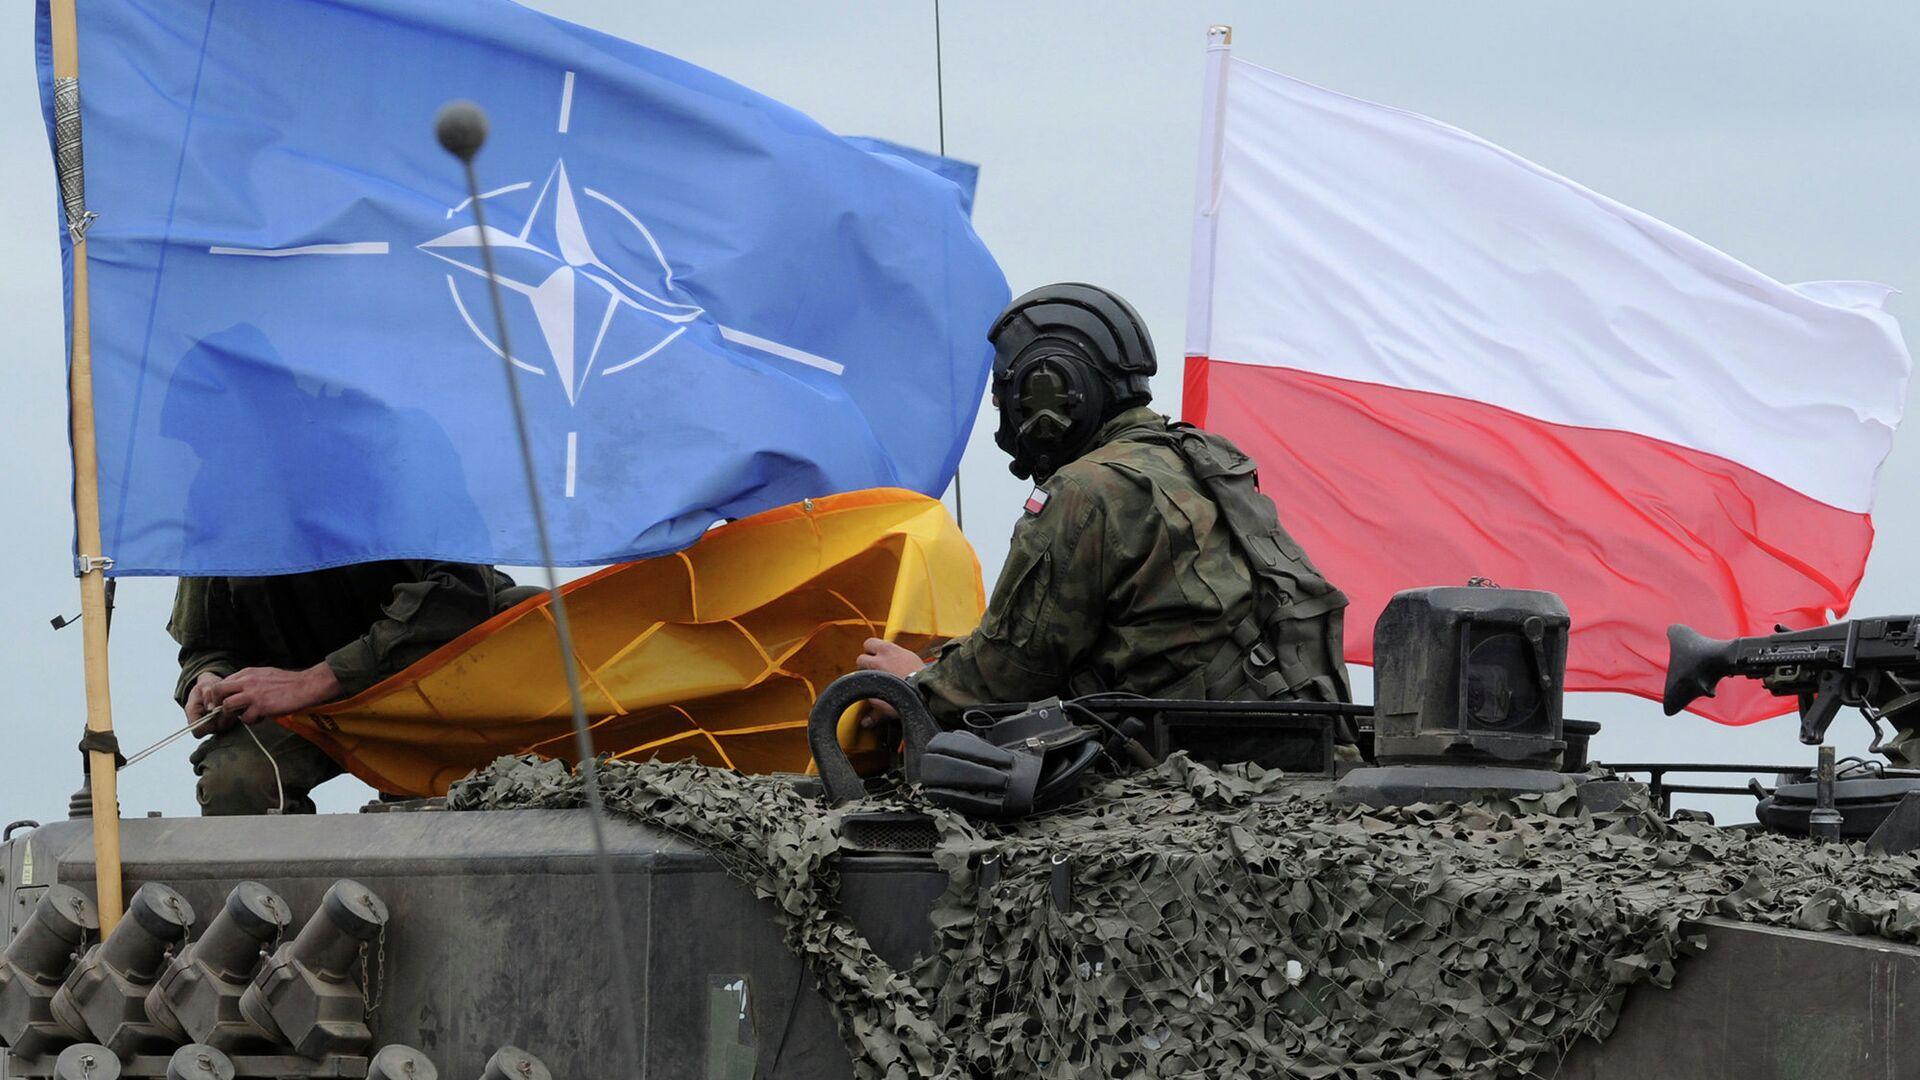 Флаг Польши и НАТО на польском танке во время совместных учений - РИА Новости, 1920, 06.09.2021